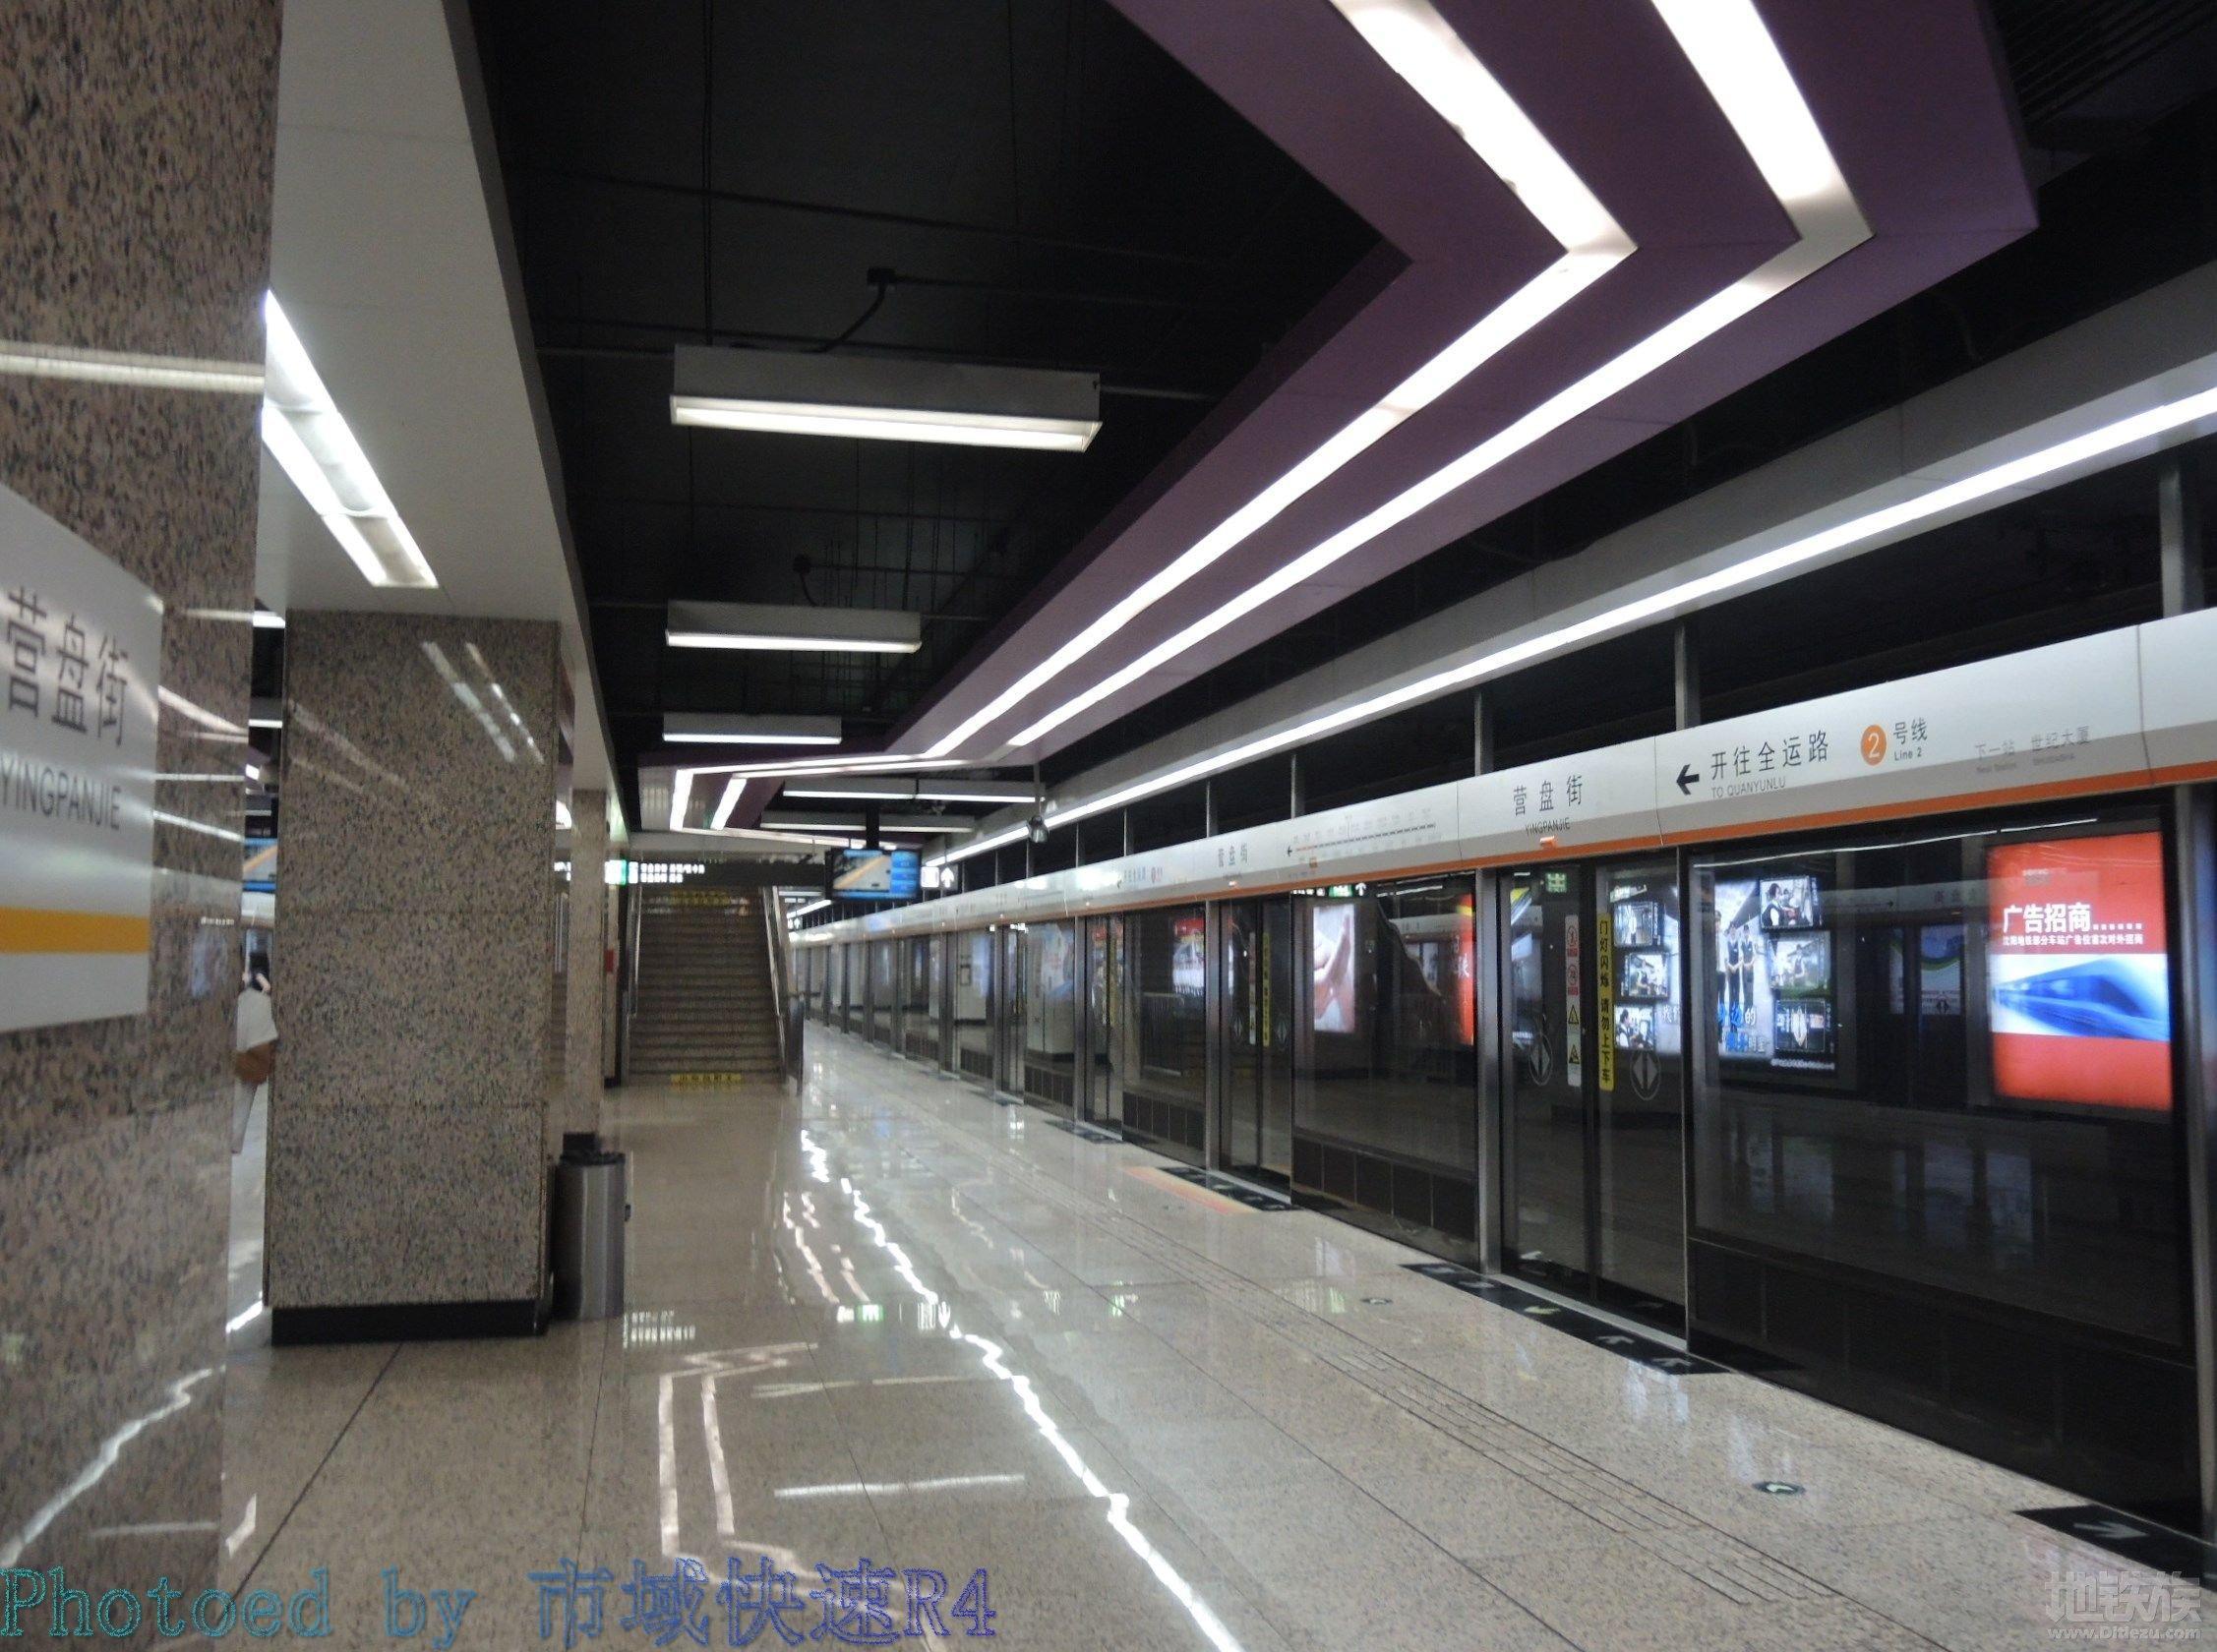 地铁 站台 2254_1680